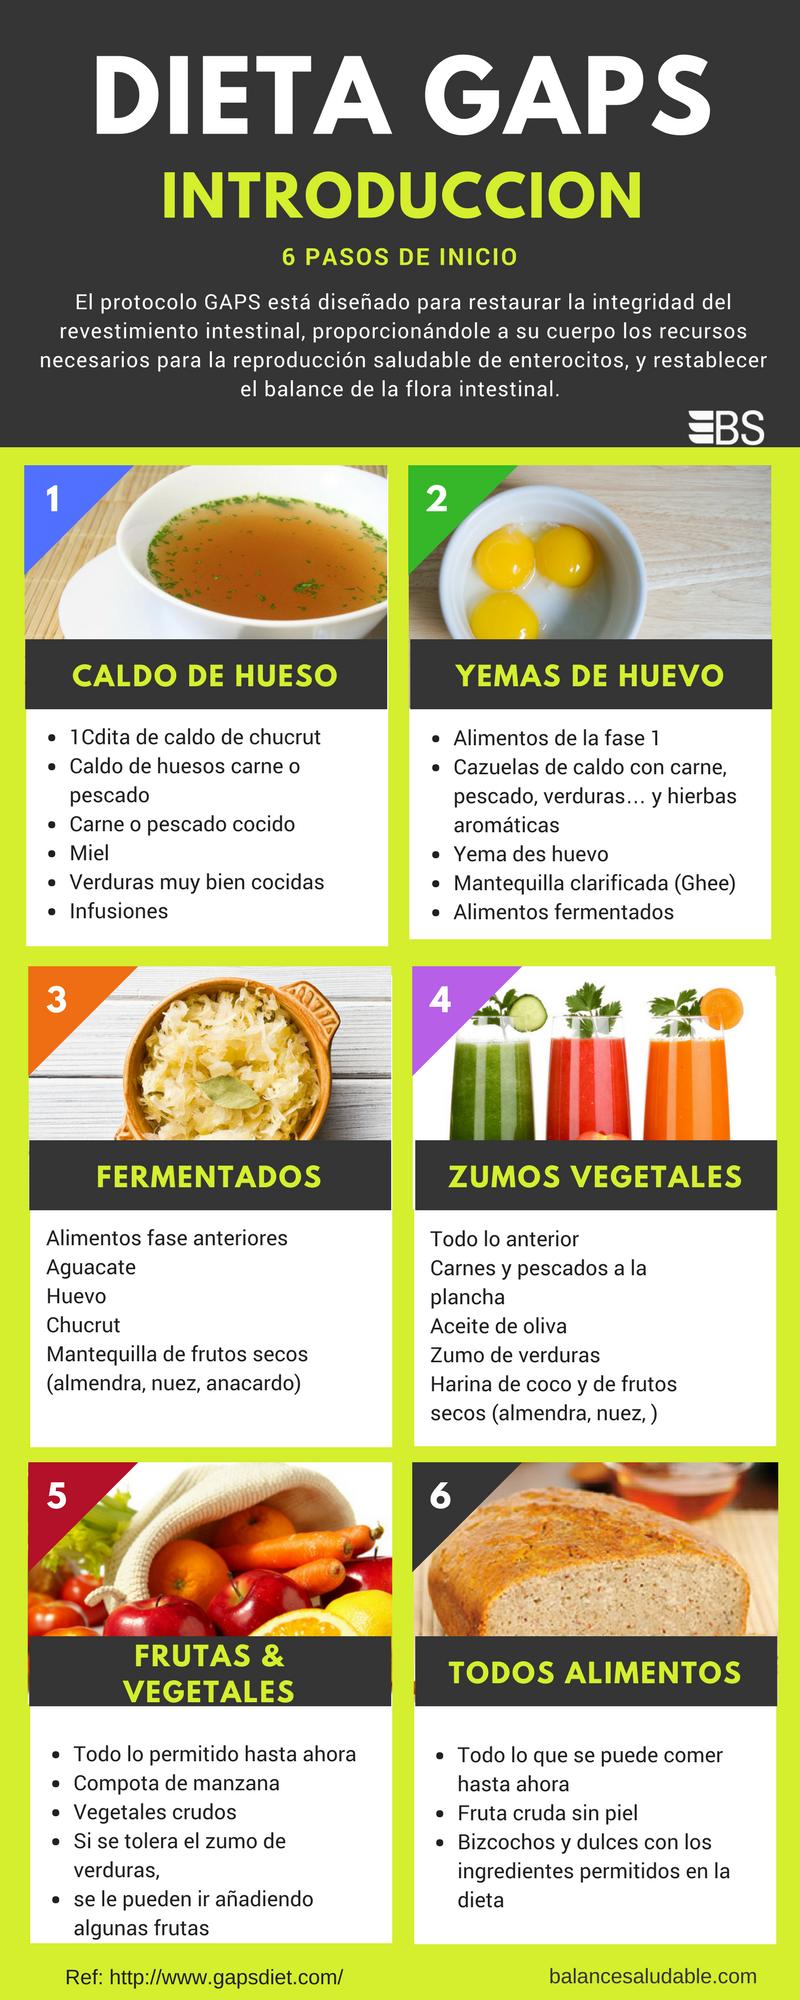 dieta gaps)